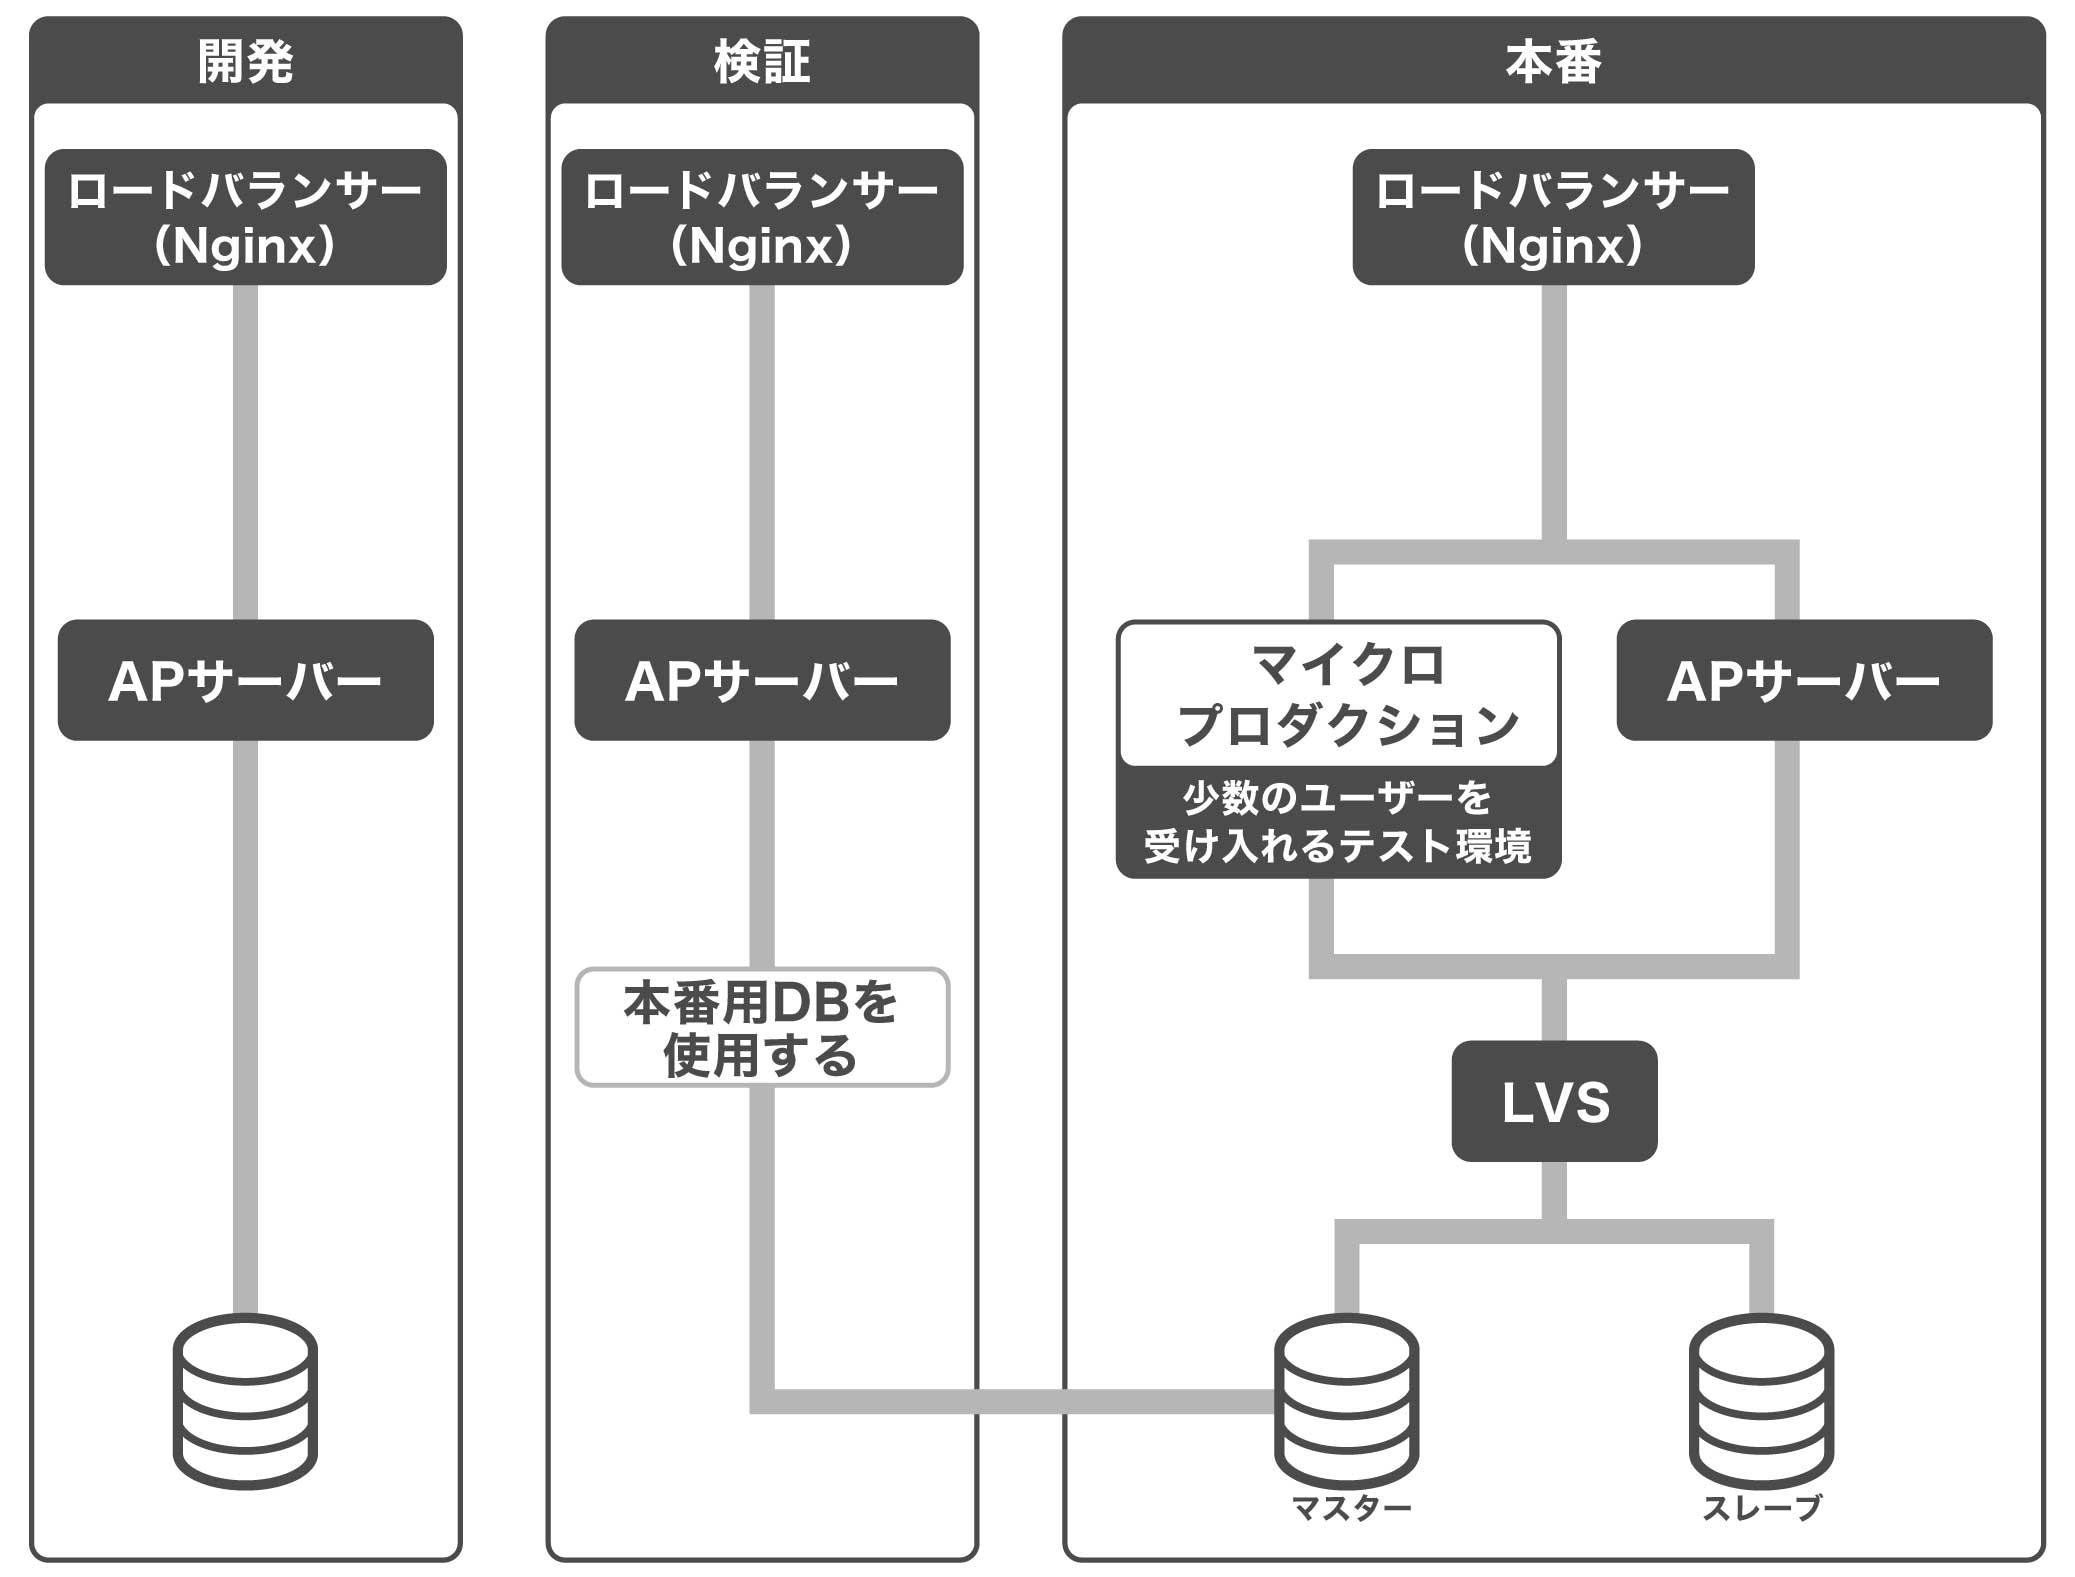 ピクシブの開発・検証・本番環境の構成図